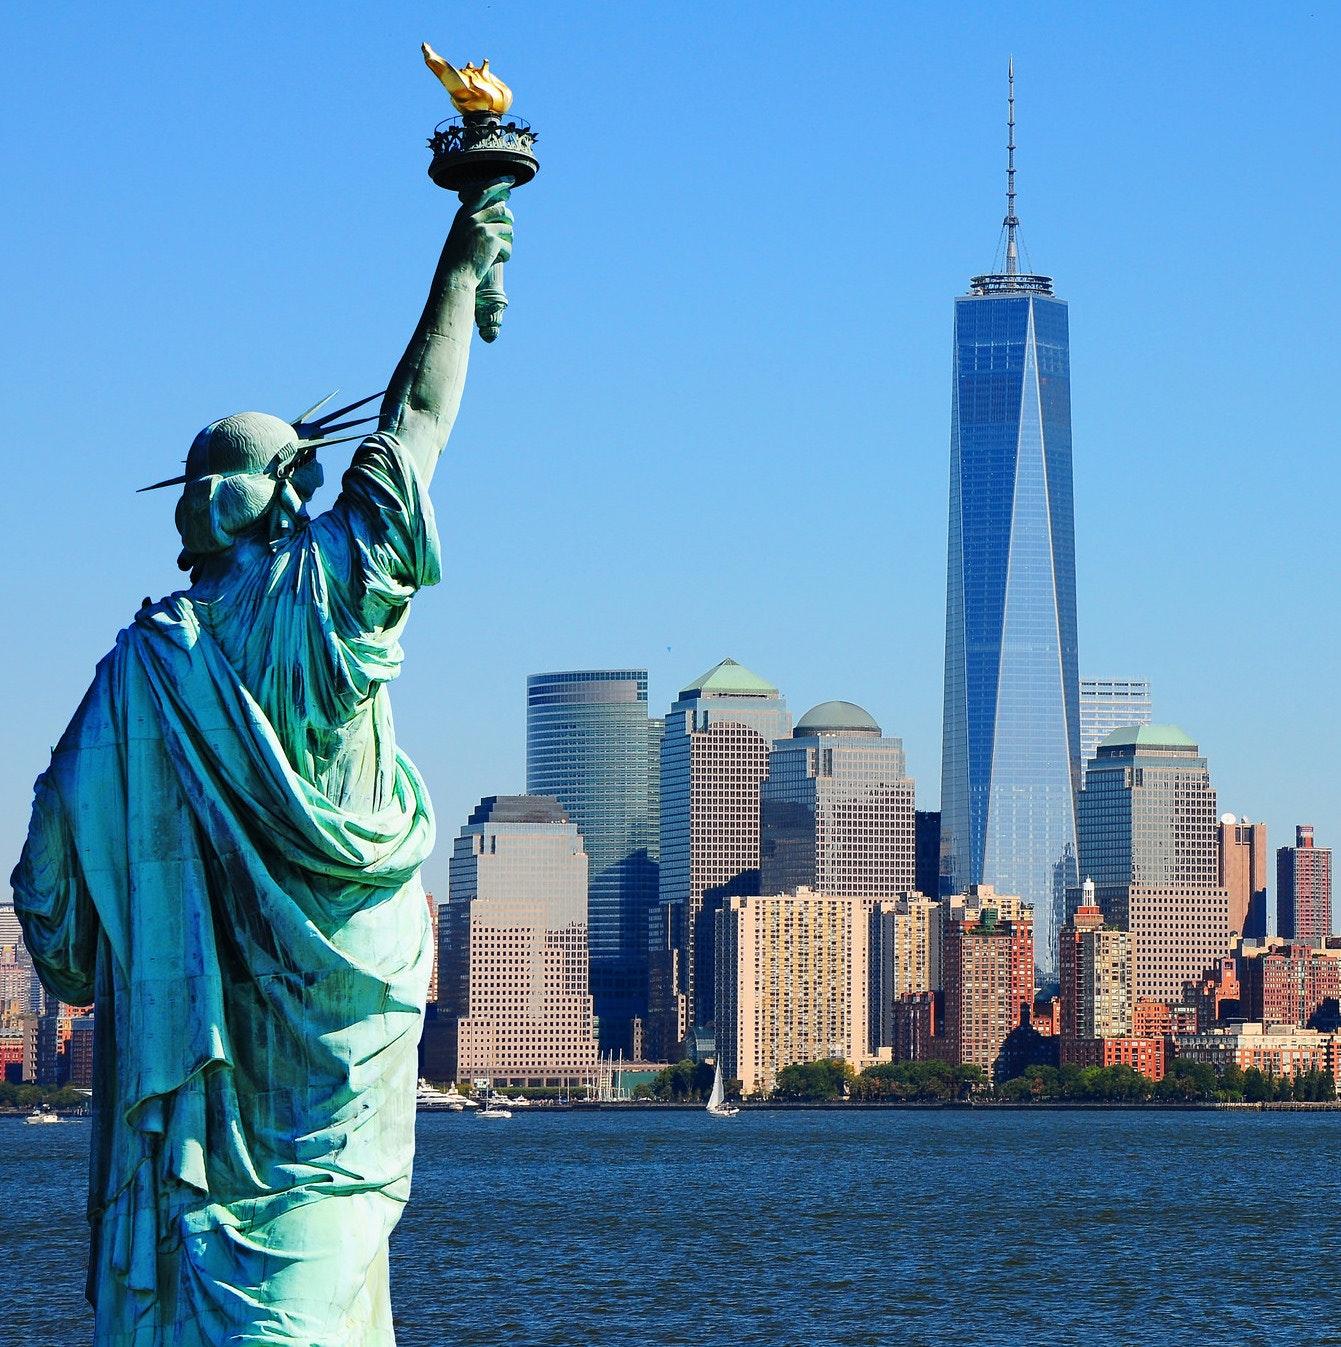 Billets pour La Statue de la Liberté et Ellis Island + guide de la ville